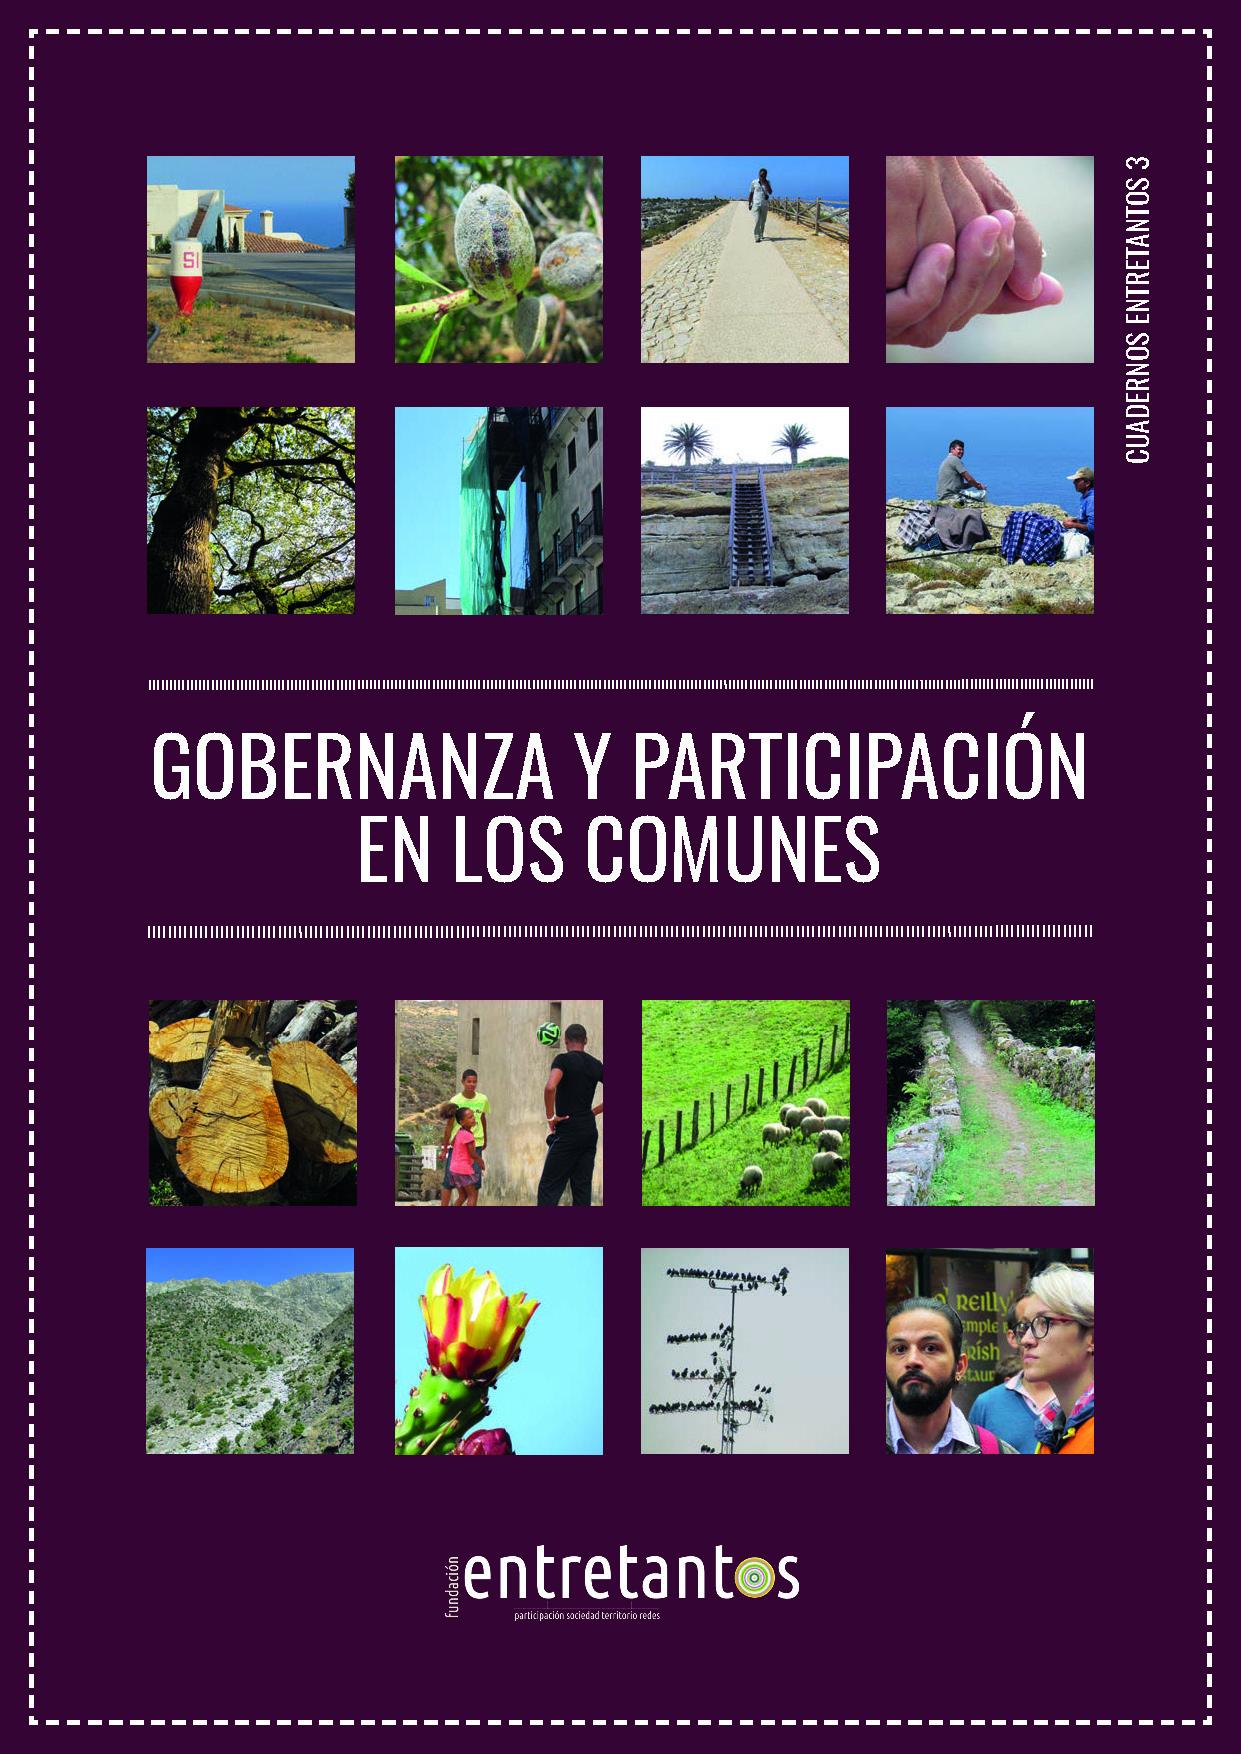 CuadernoEntretantos3_ComunesGobernanza